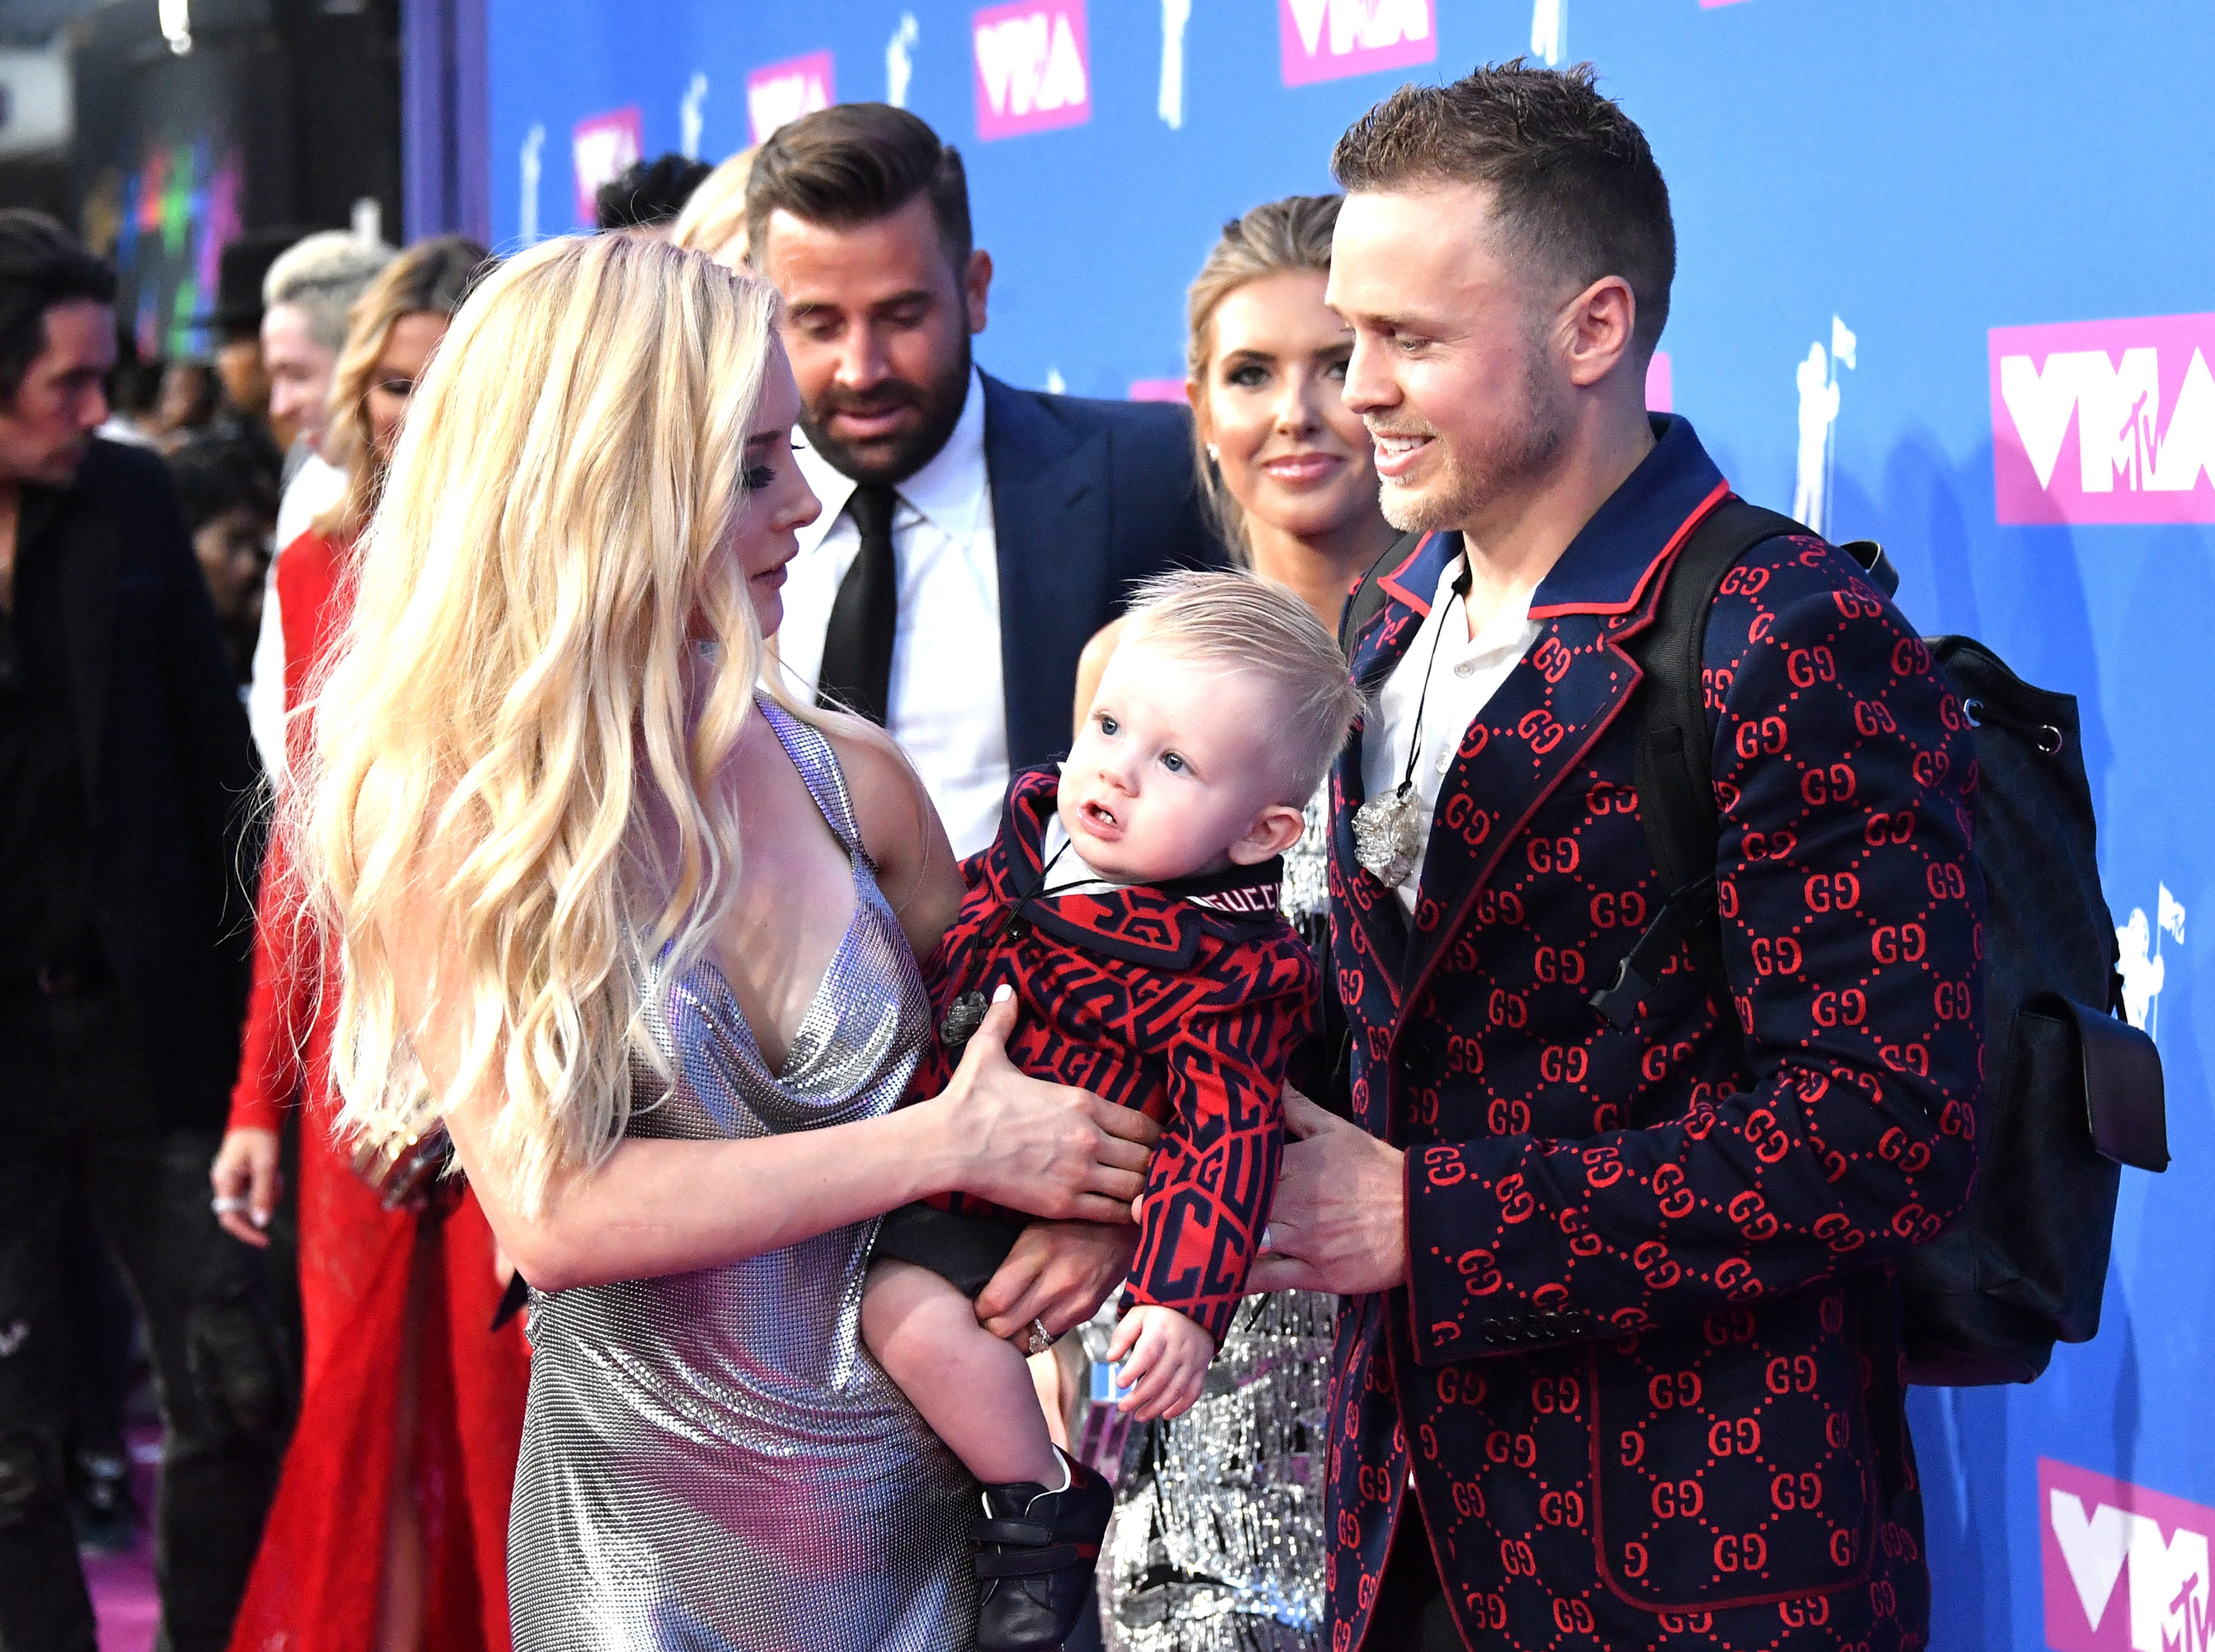 Heidi Pratt, Gunner Pratt y Spencer Pratt  (de izq a der) asisten a los MTV Video Music Awards 2018 en el Radio City Music Hall el 20 de agosto de 2018 en la ciudad de Nueva York.